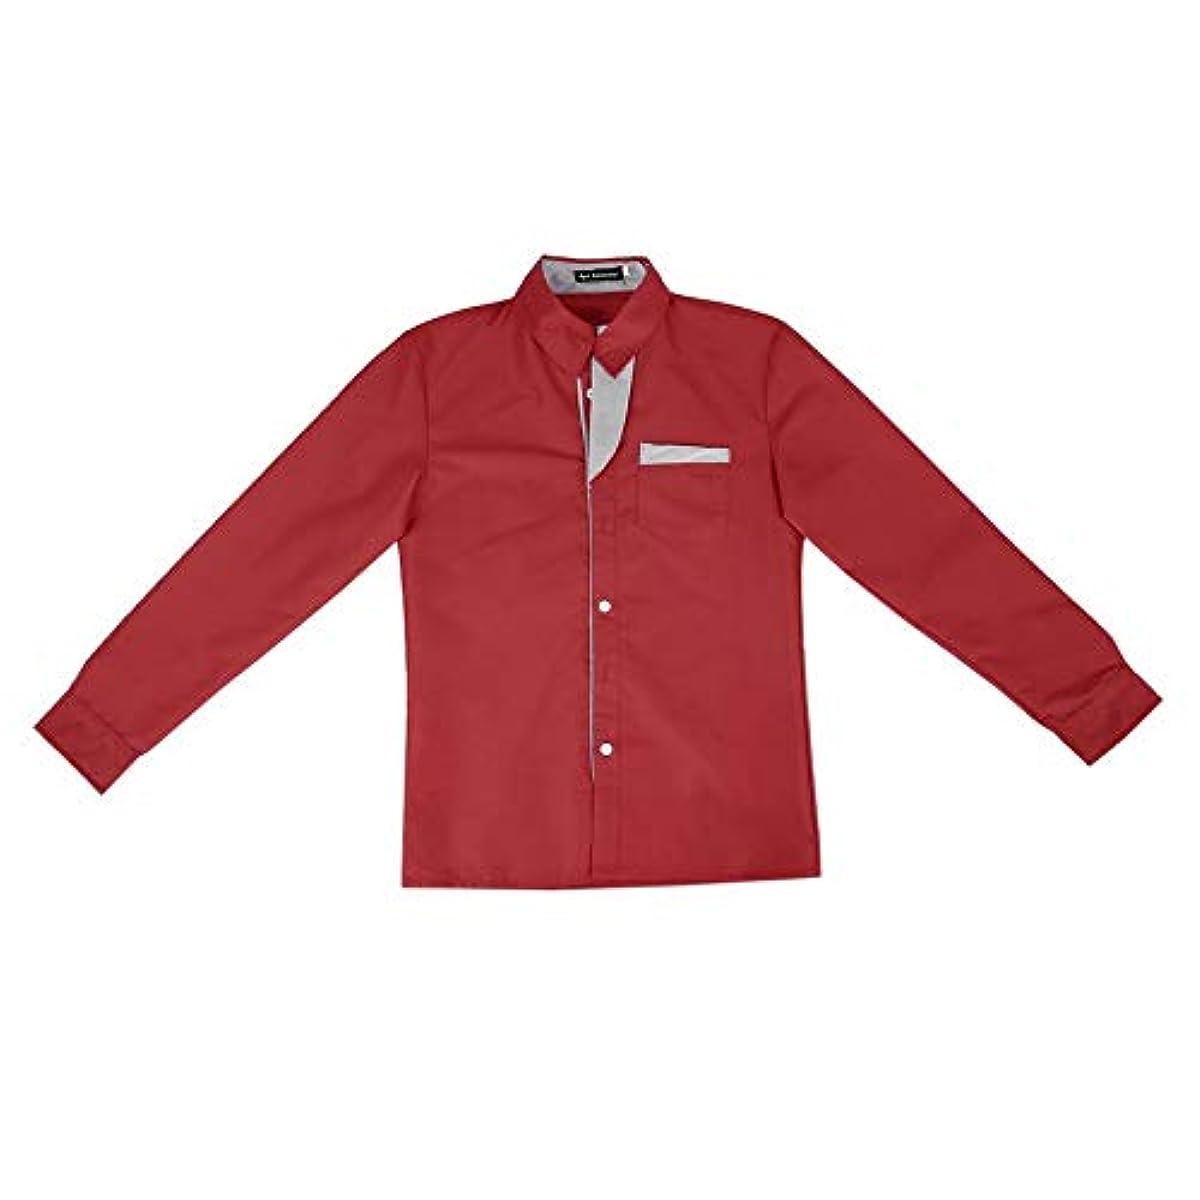 八デクリメント略すシャツメンズストライプシャツコットンスリムフィットロングスリーブシャツメンズニューモデルシャツストライプデコレーションデザインロングスリーブシャツ-レッドM